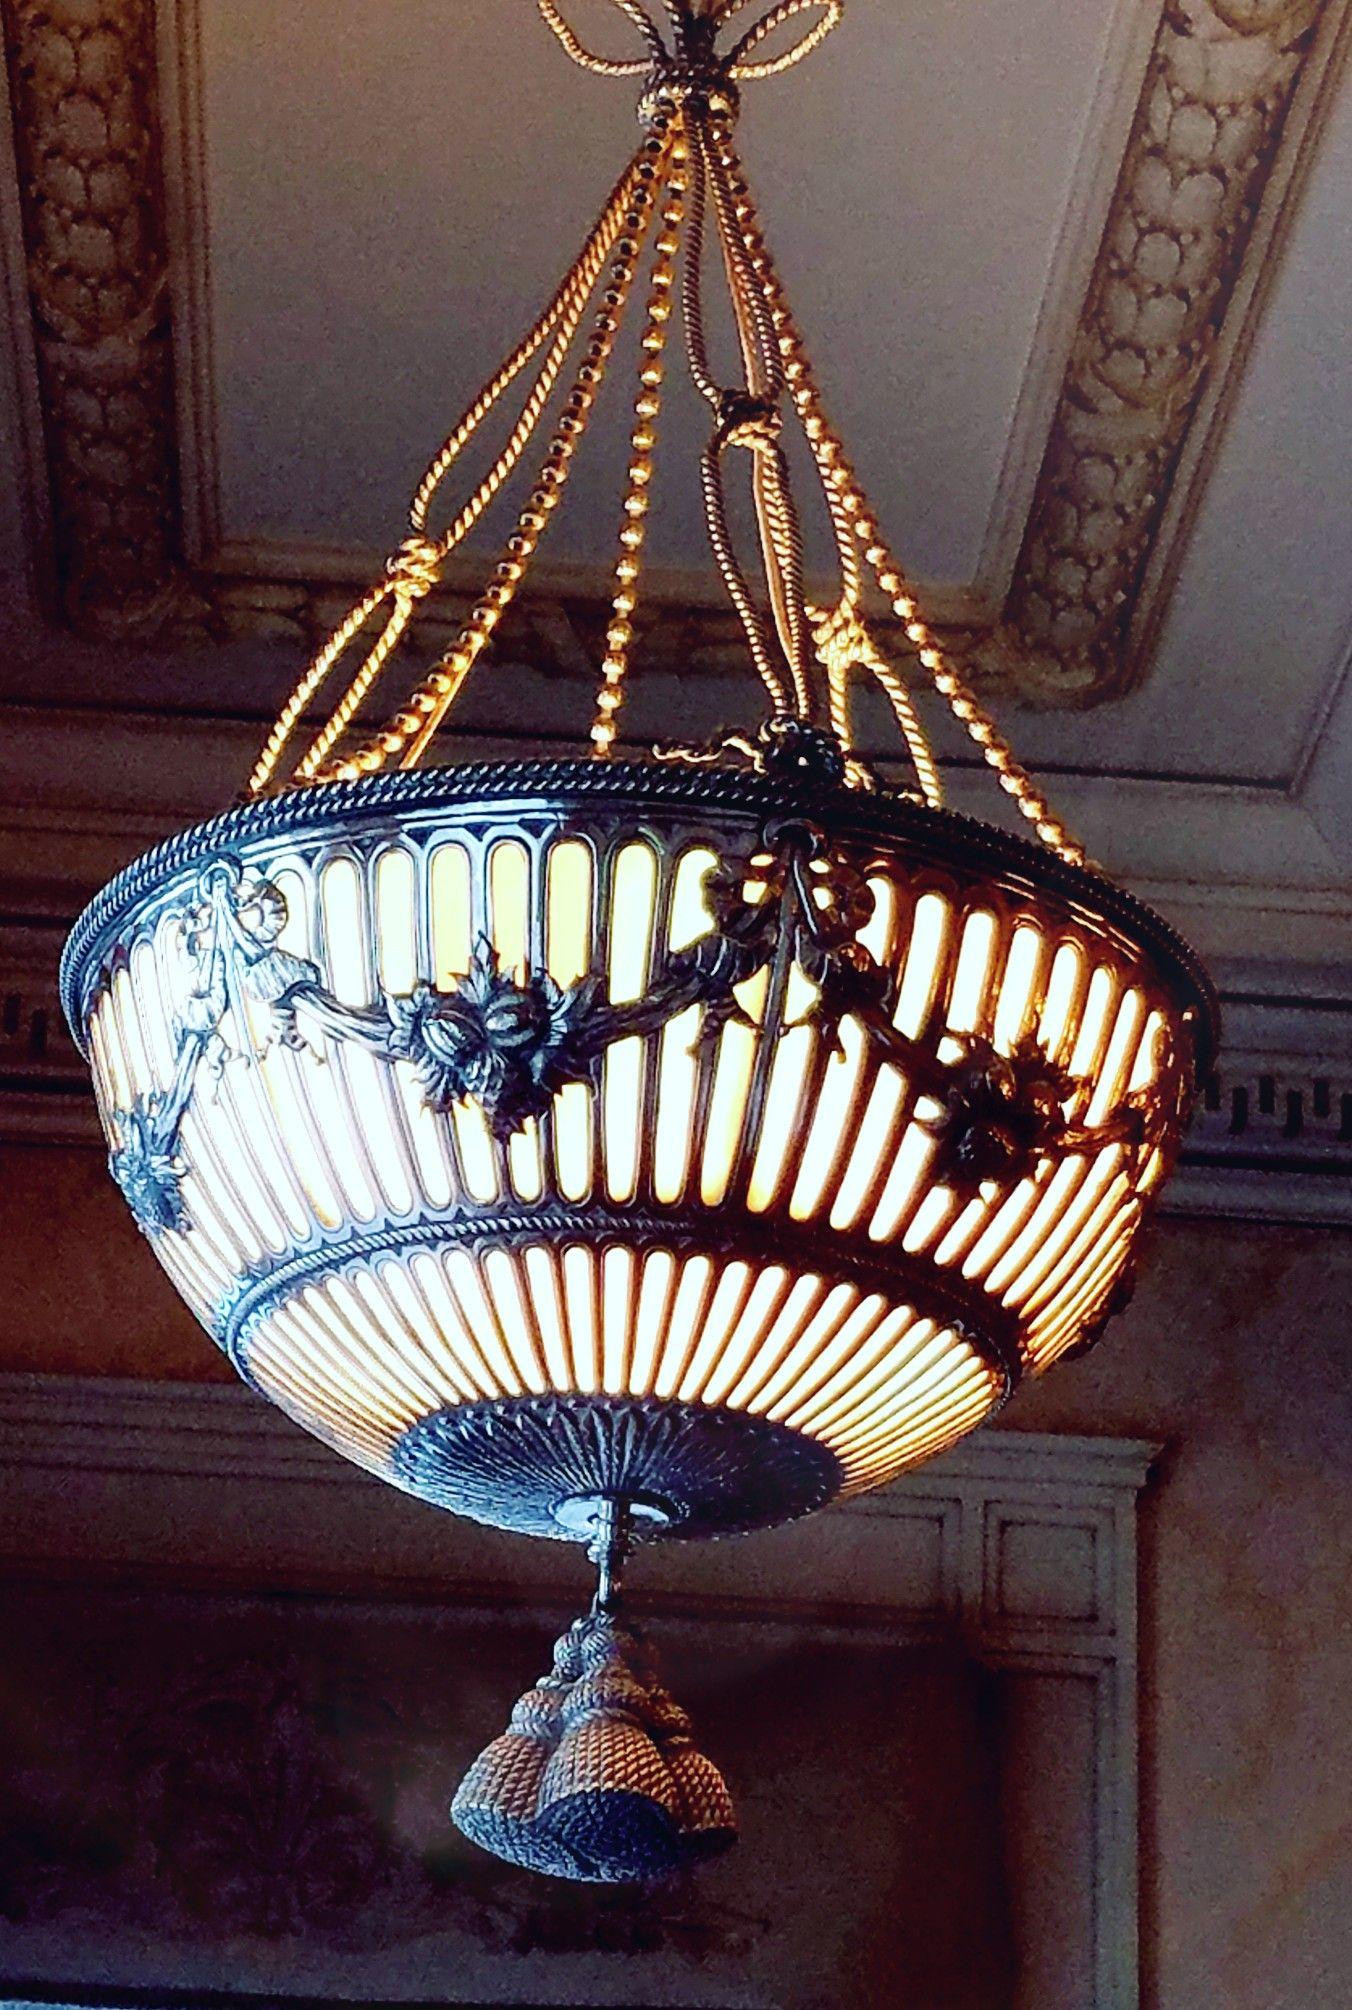 Hidden glensheen helens room duluth light fixtures mansions glass shades